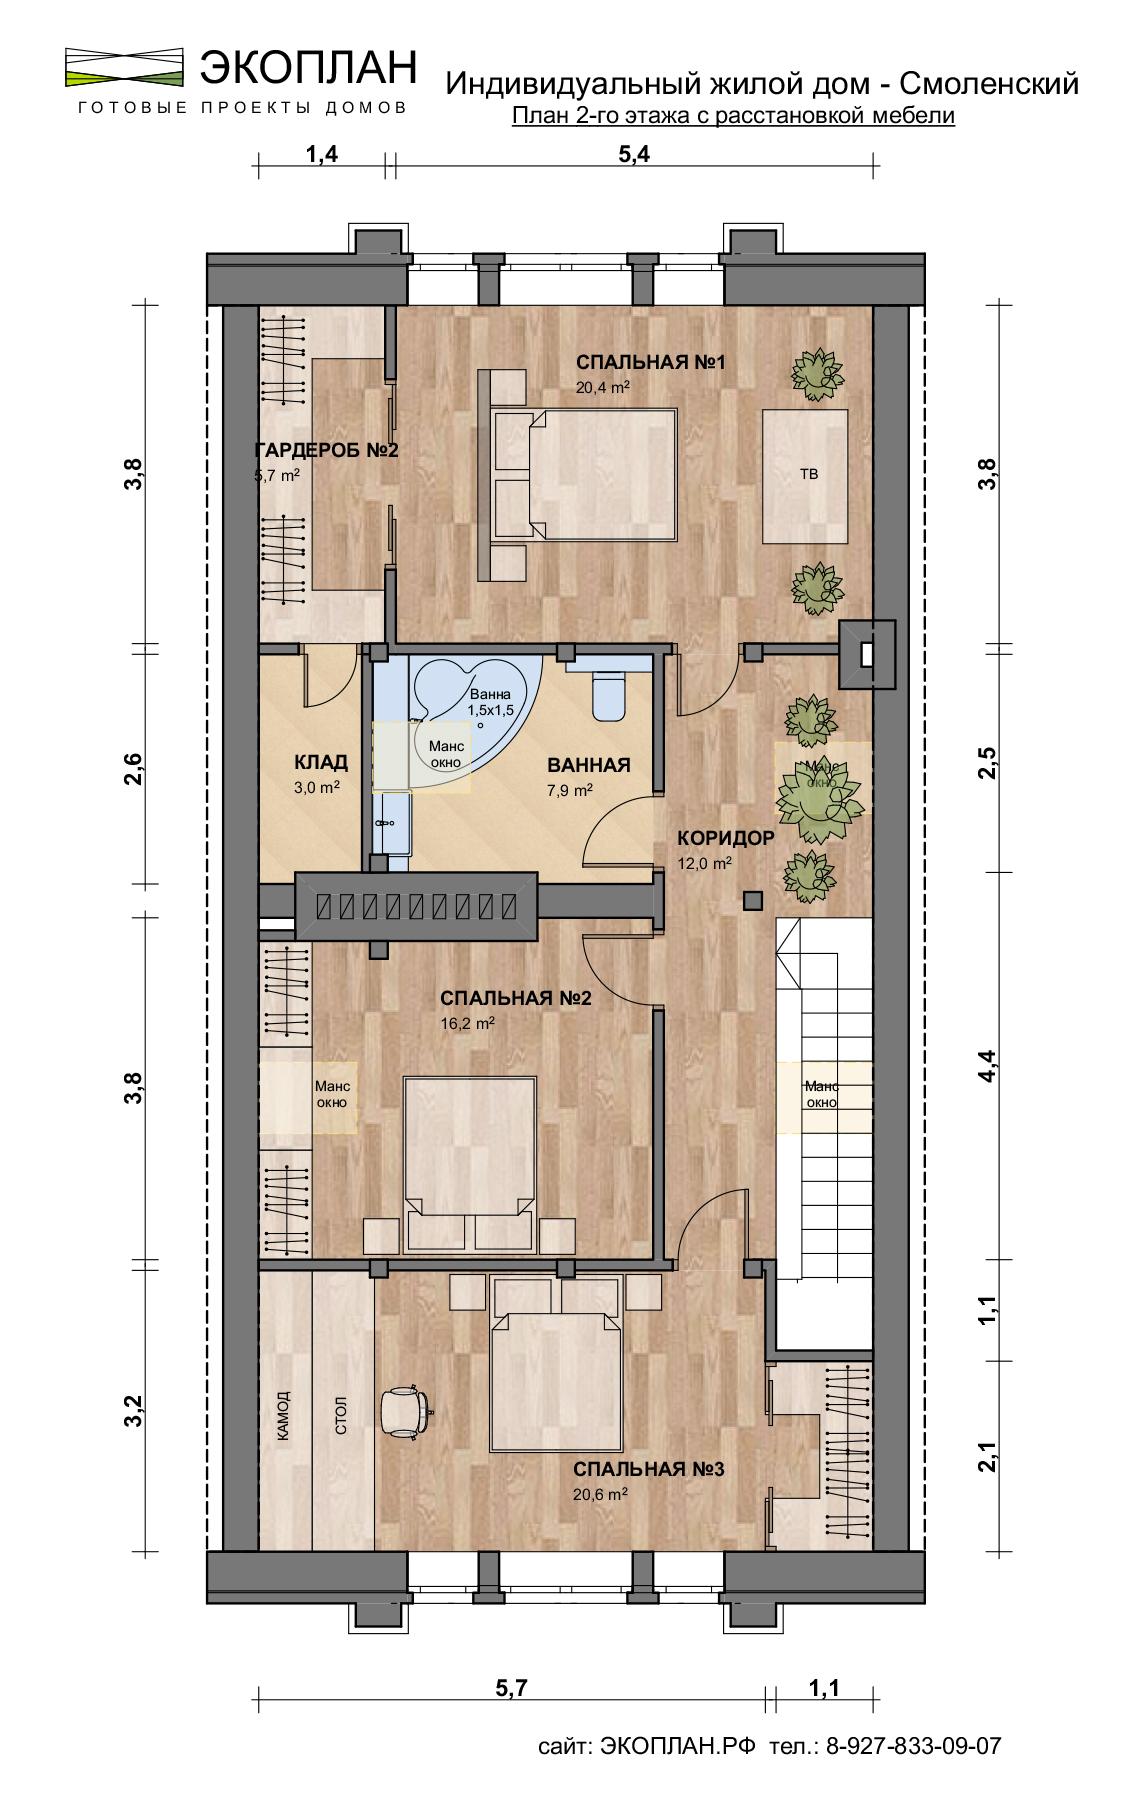 Проект  дома для узкого участка - Экоплан.рф план